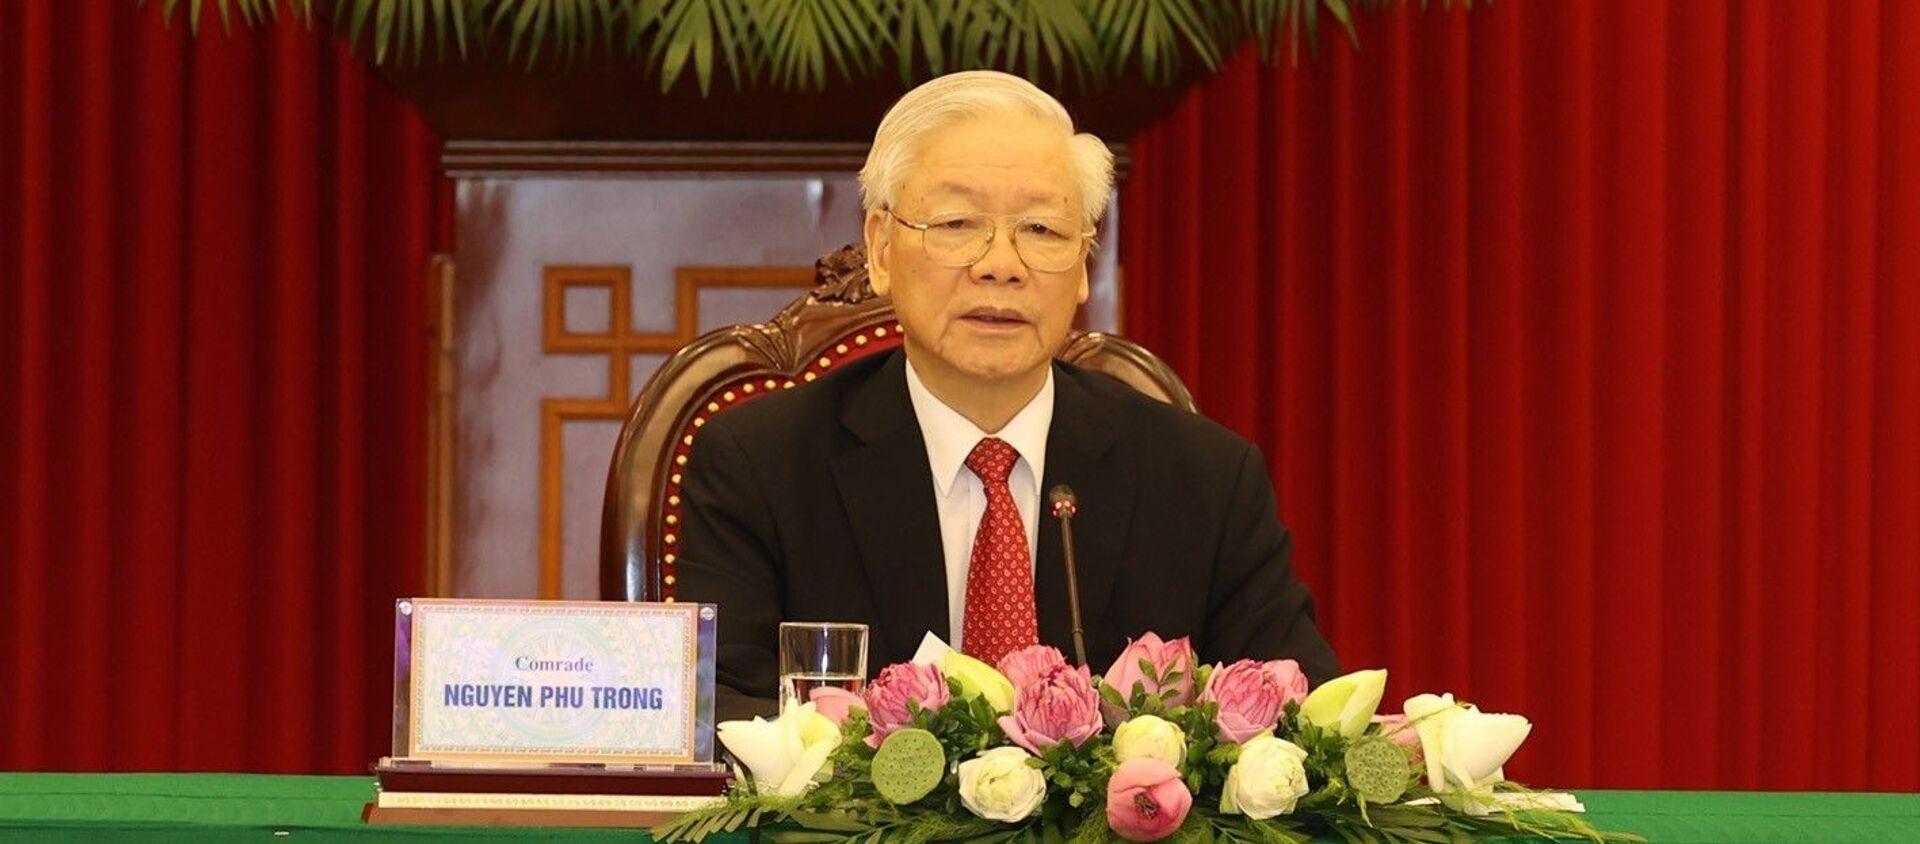 Tổng Bí thư Nguyễn Phú Trọng phát biểu tại Hội nghị thượng đỉnh giữa Đảng Cộng sản Trung Quốc với các chính đảng trên thế giới. - Sputnik Việt Nam, 1920, 07.07.2021